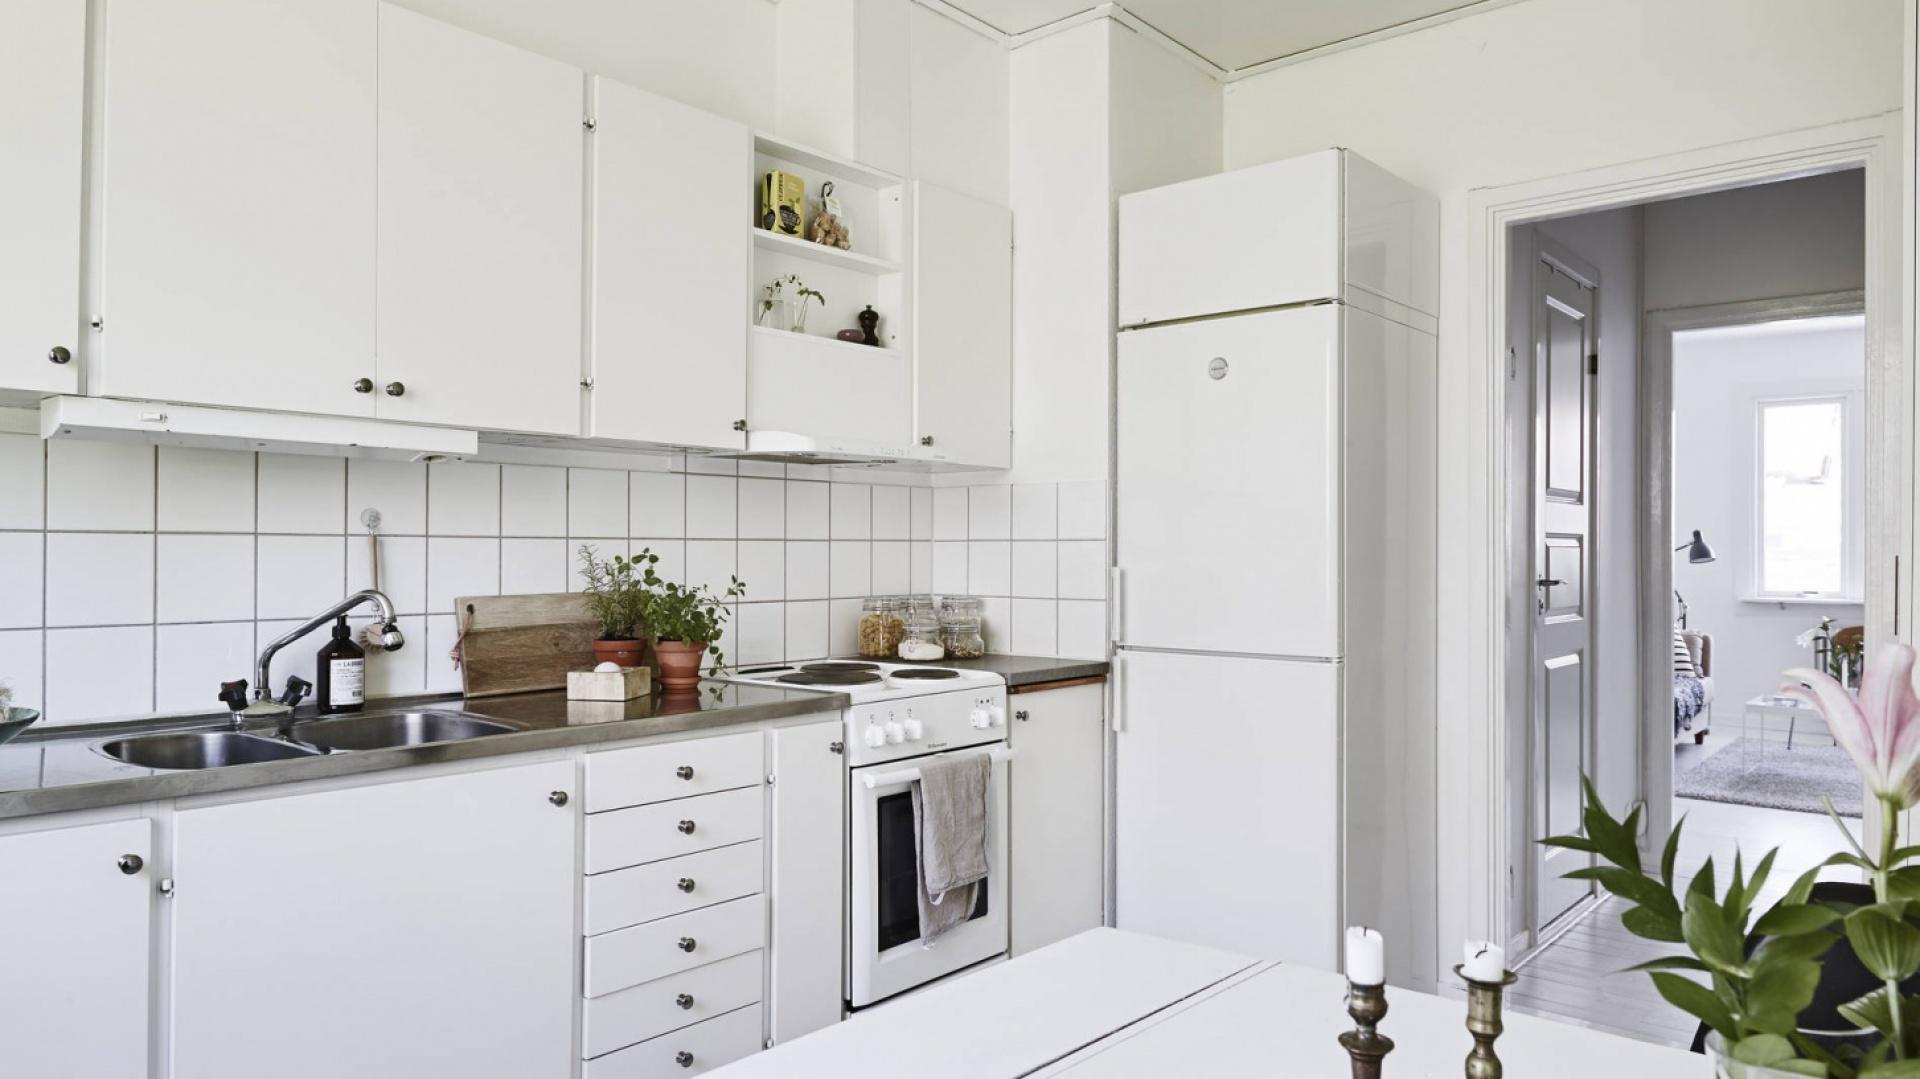 Białe meble kuchenne wieńczy ciemny blat a fronty zdobią okrągłe, czarne uchwyty, wyeksponowane na tle śnieżnobiałych powierzchni. Fot. Stadshem.se/Janne Olander.